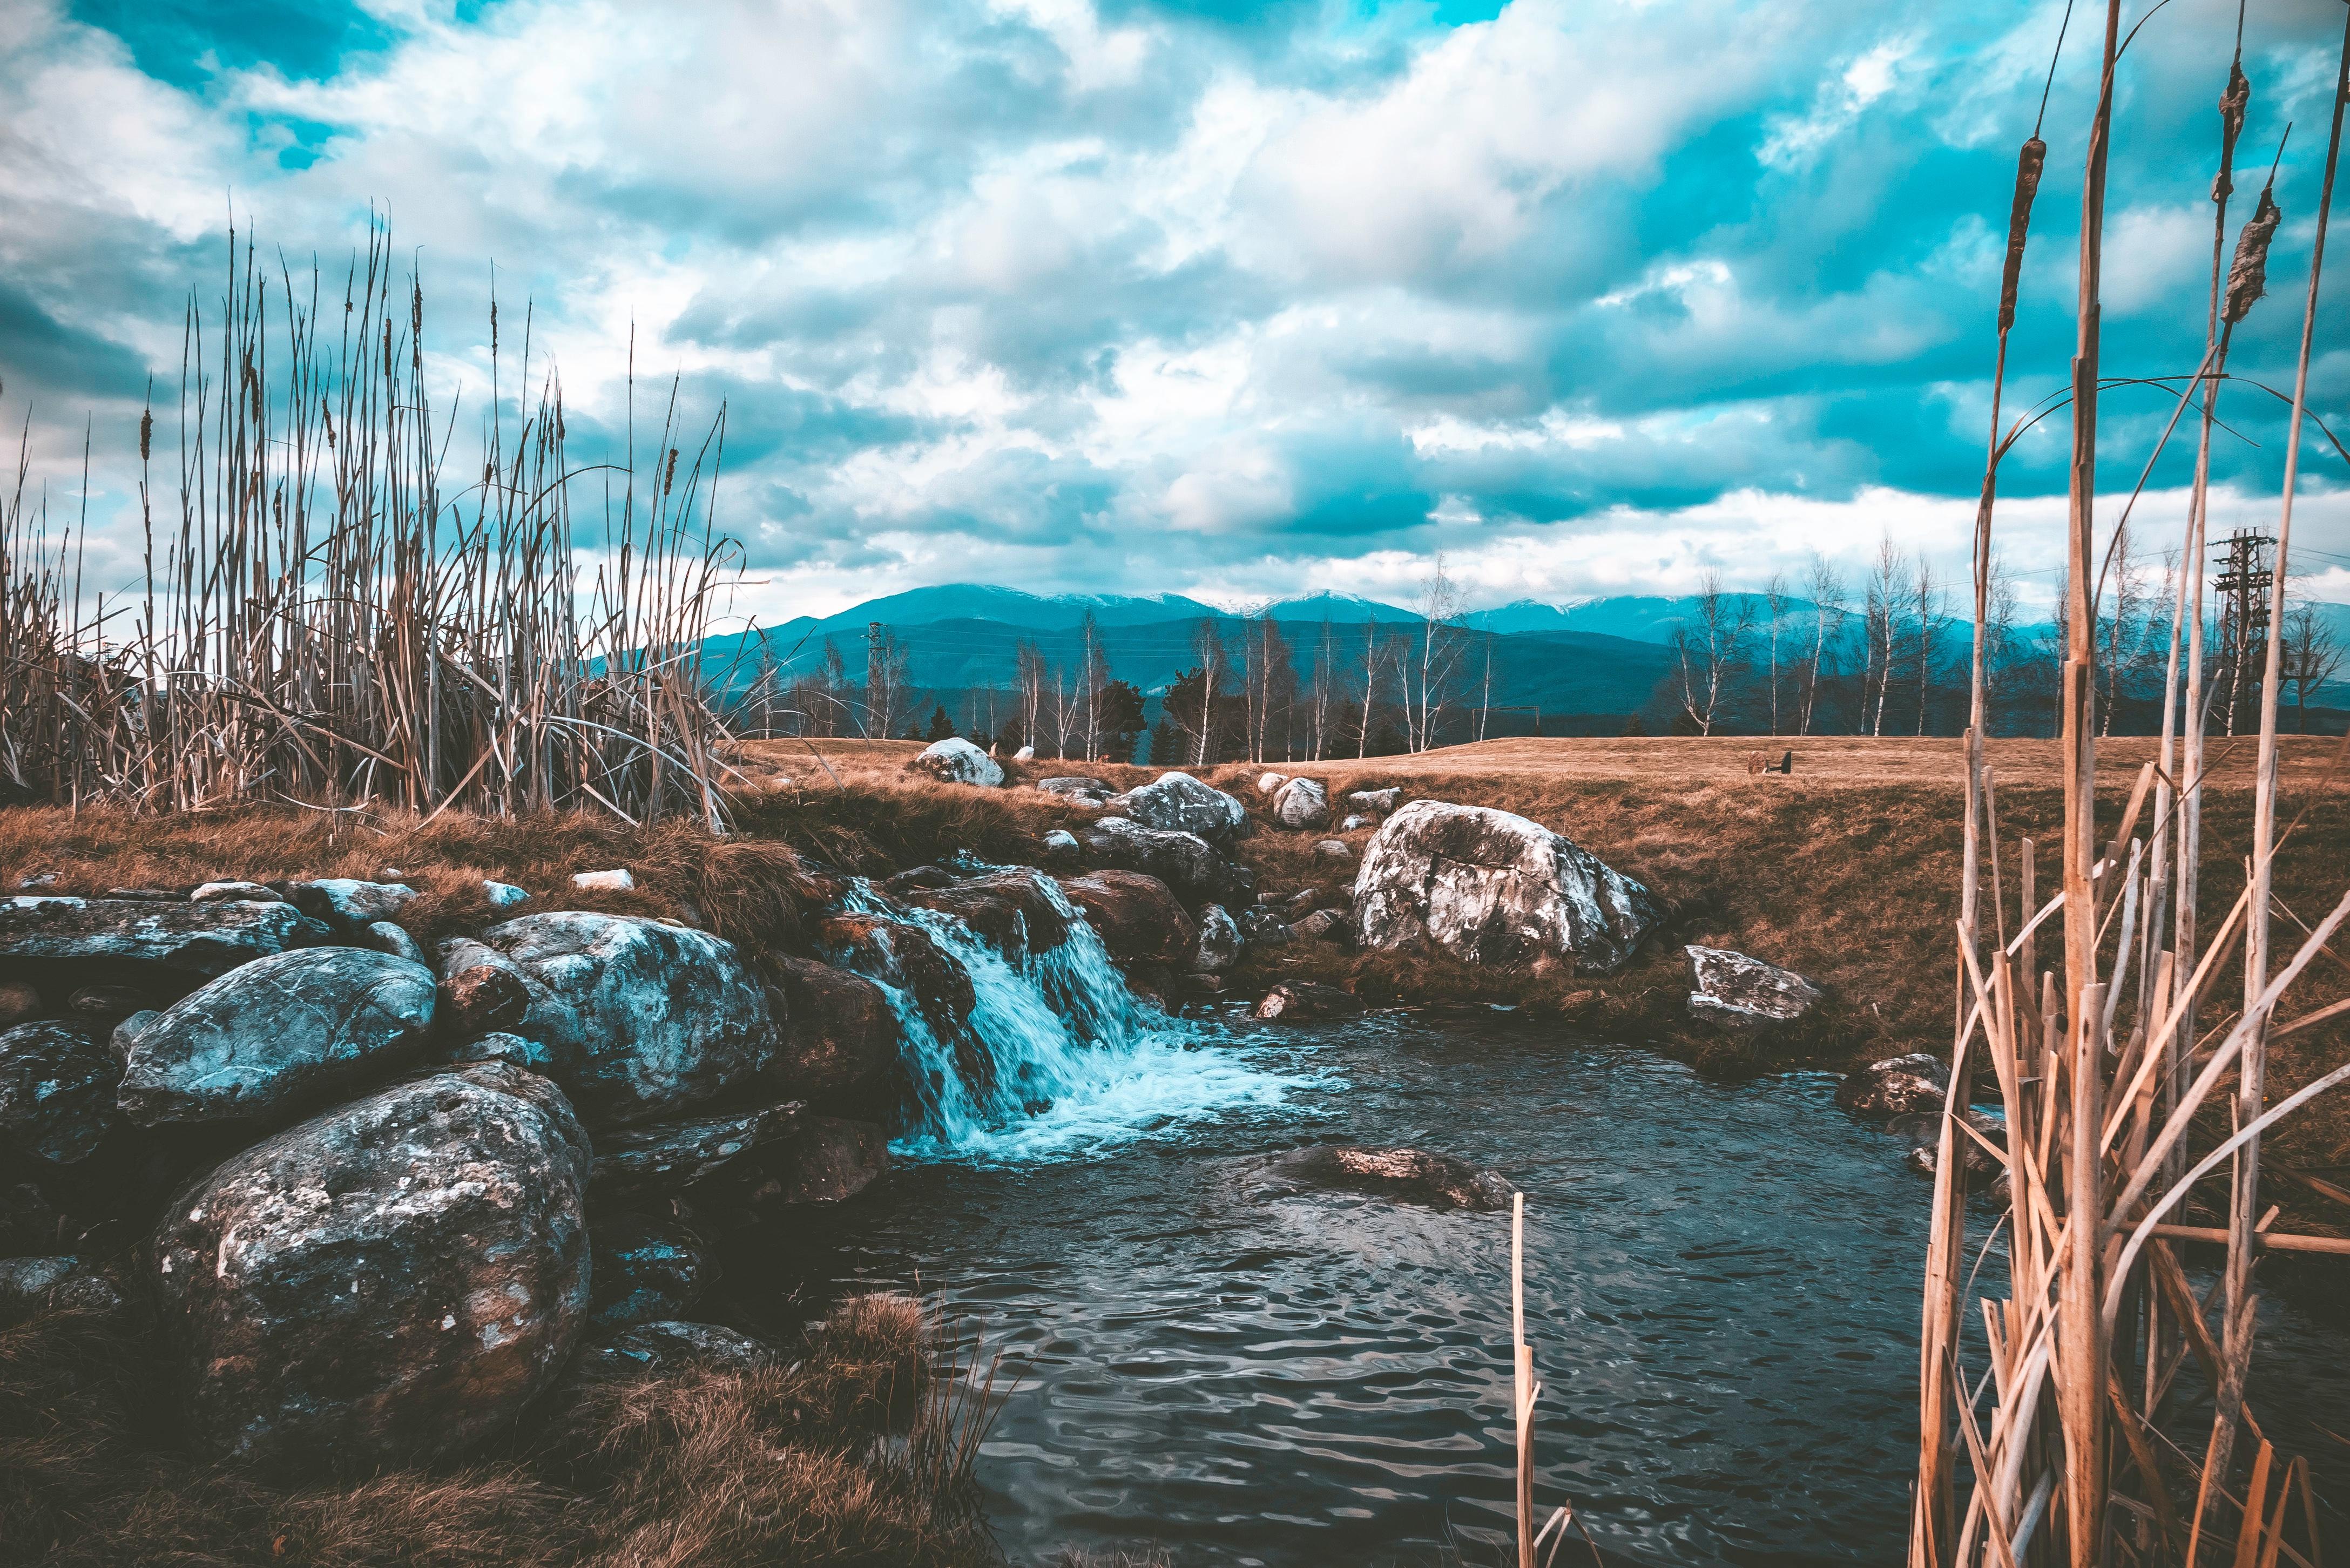 Nature makes its way, Cloud, Cloudy, Flow, Landscape, HQ Photo